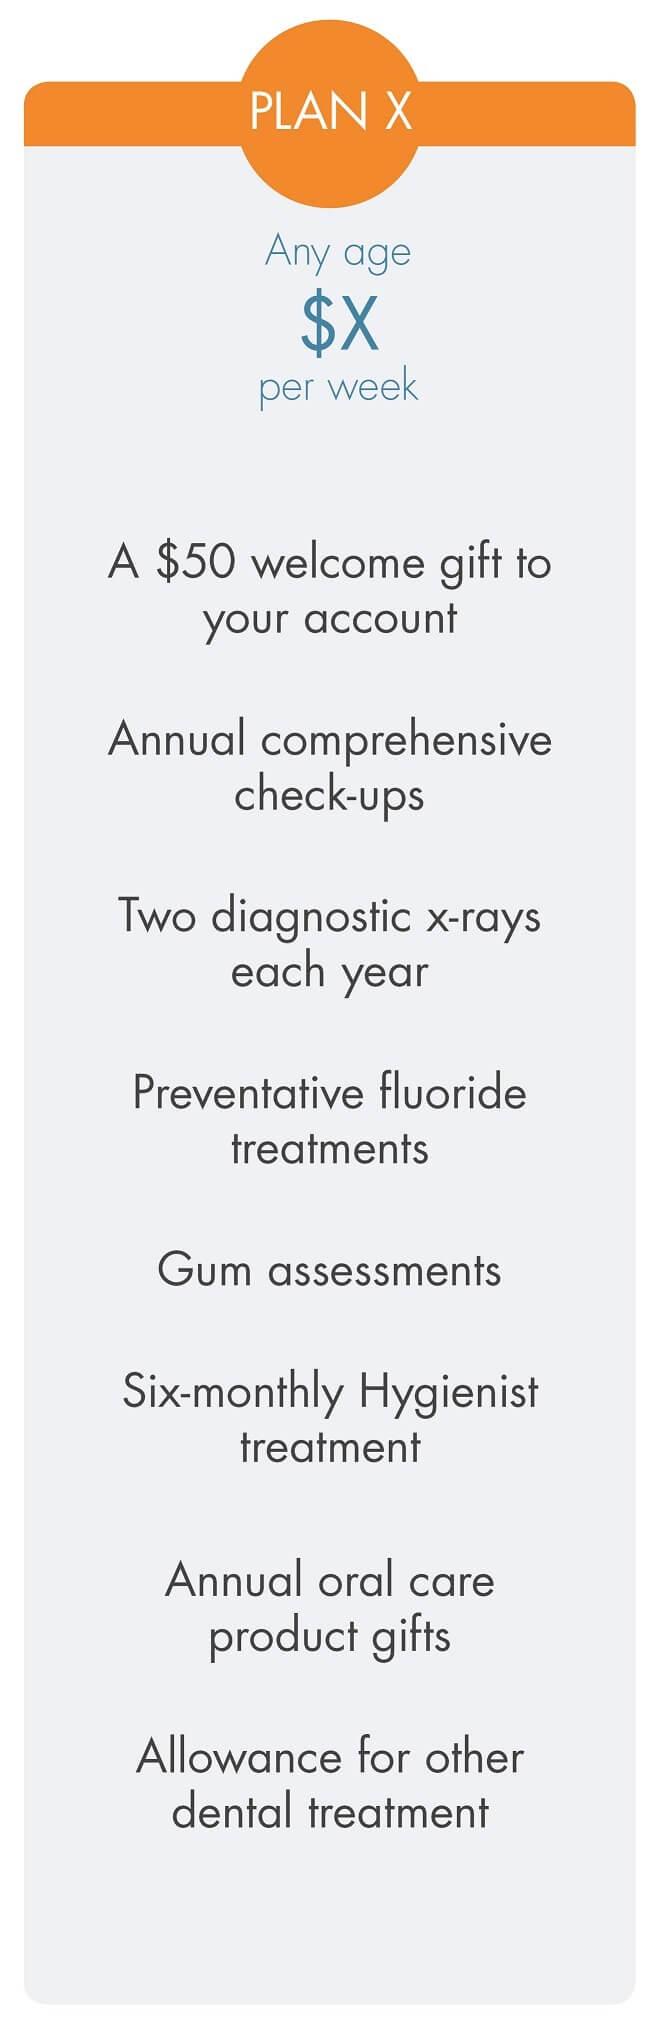 Smilesaver dental savings plan X